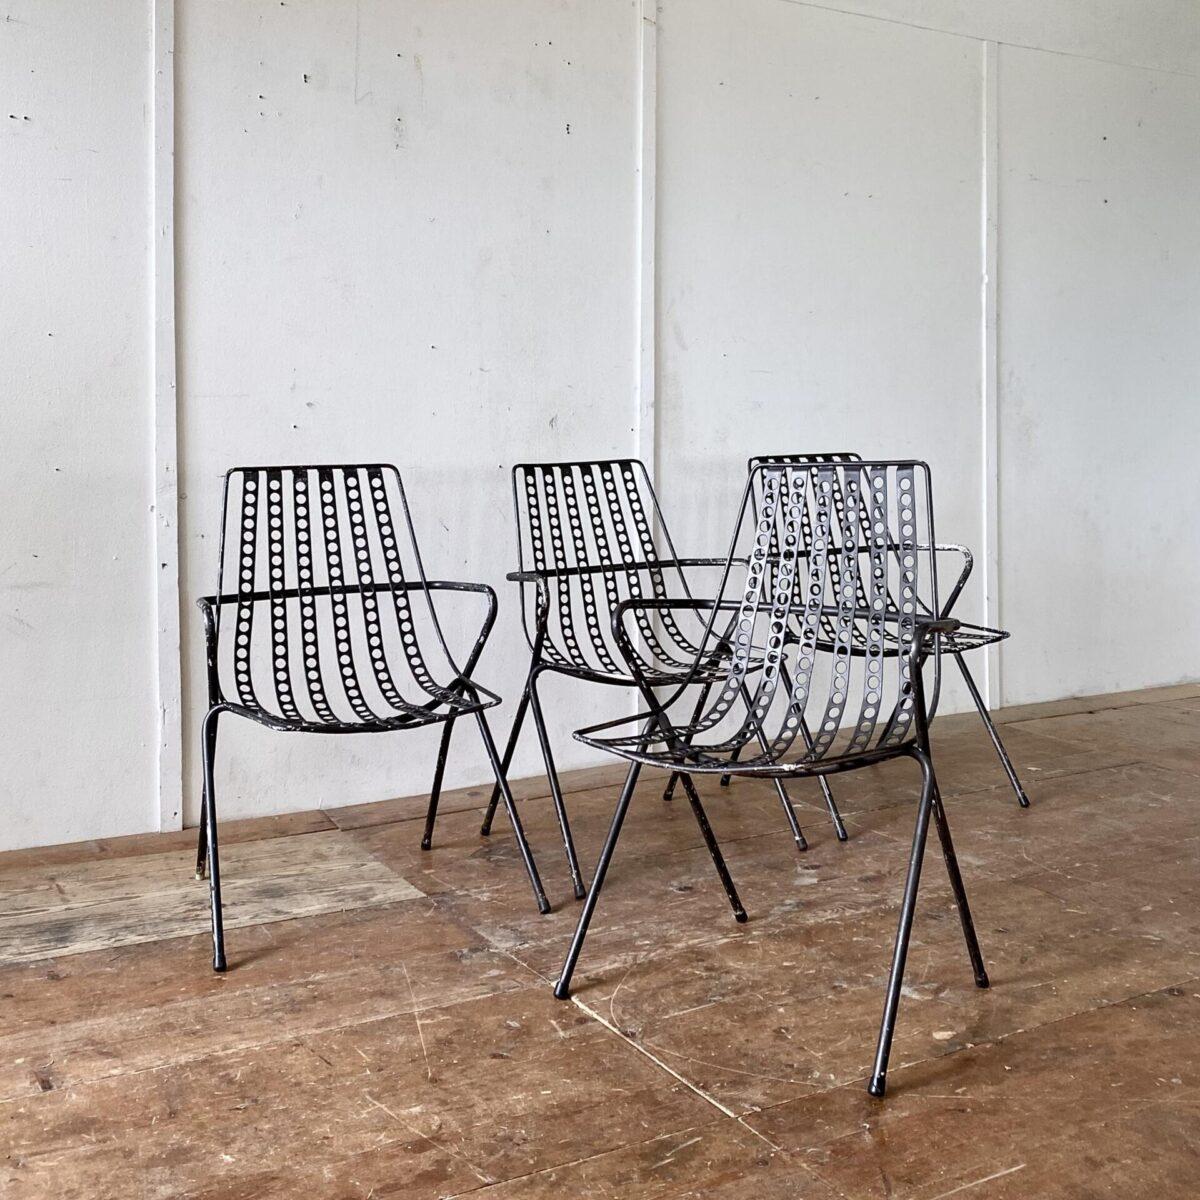 Vier Gartenstühle von Stella aus den 60er Jahren. Preis fürs Set. Die Gartenstühle sind schon ziemlich verbraucht, die Farbe ist abgewetzt, einer müsste an der Lehne geschweisst werden. Ansonsten sind die Stühle noch gut zum Sitzen.